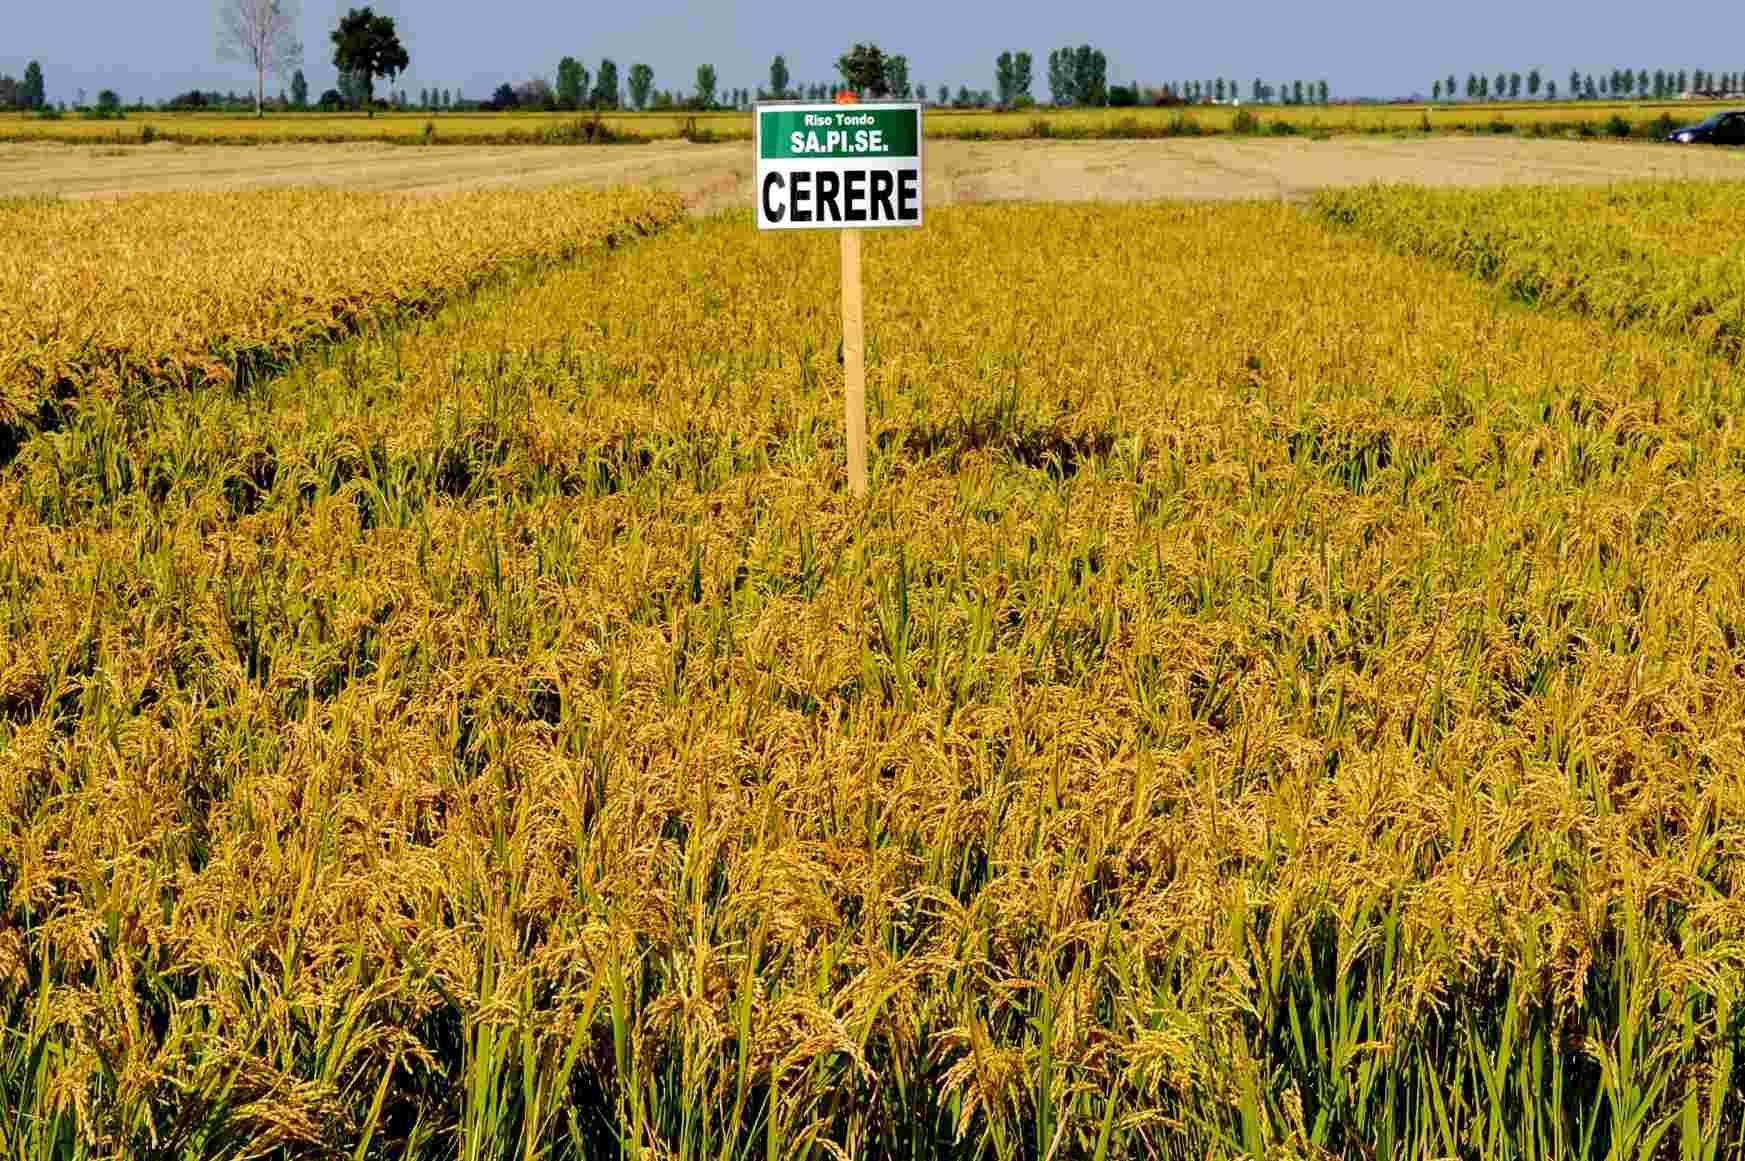 sementi riso cerere campo coltivazione